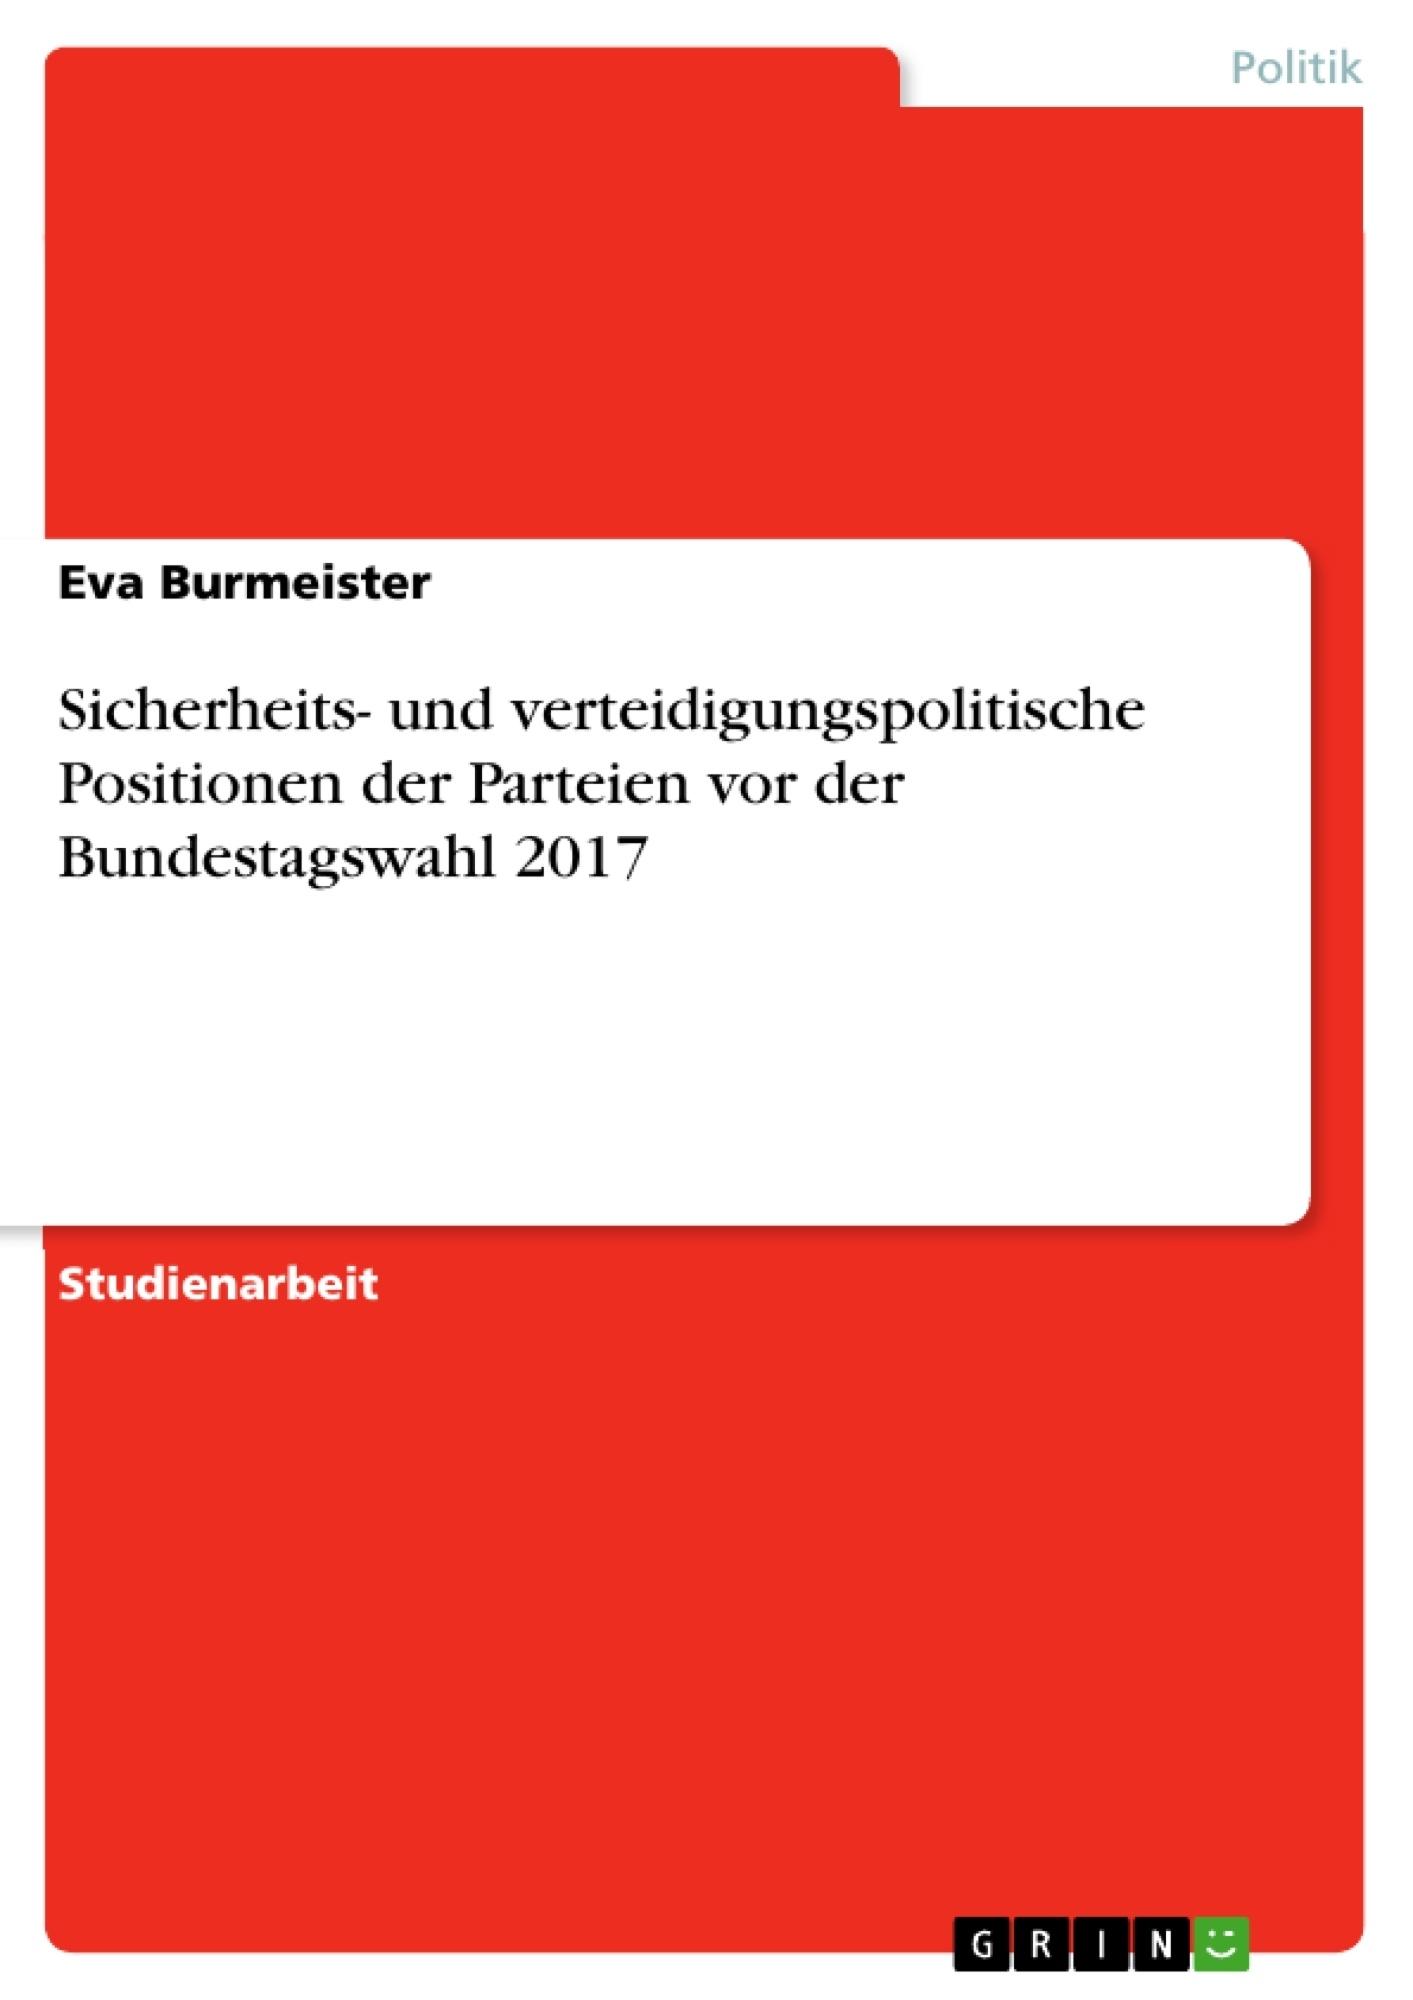 Titel: Sicherheits- und verteidigungspolitische Positionen der Parteien vor der Bundestagswahl 2017